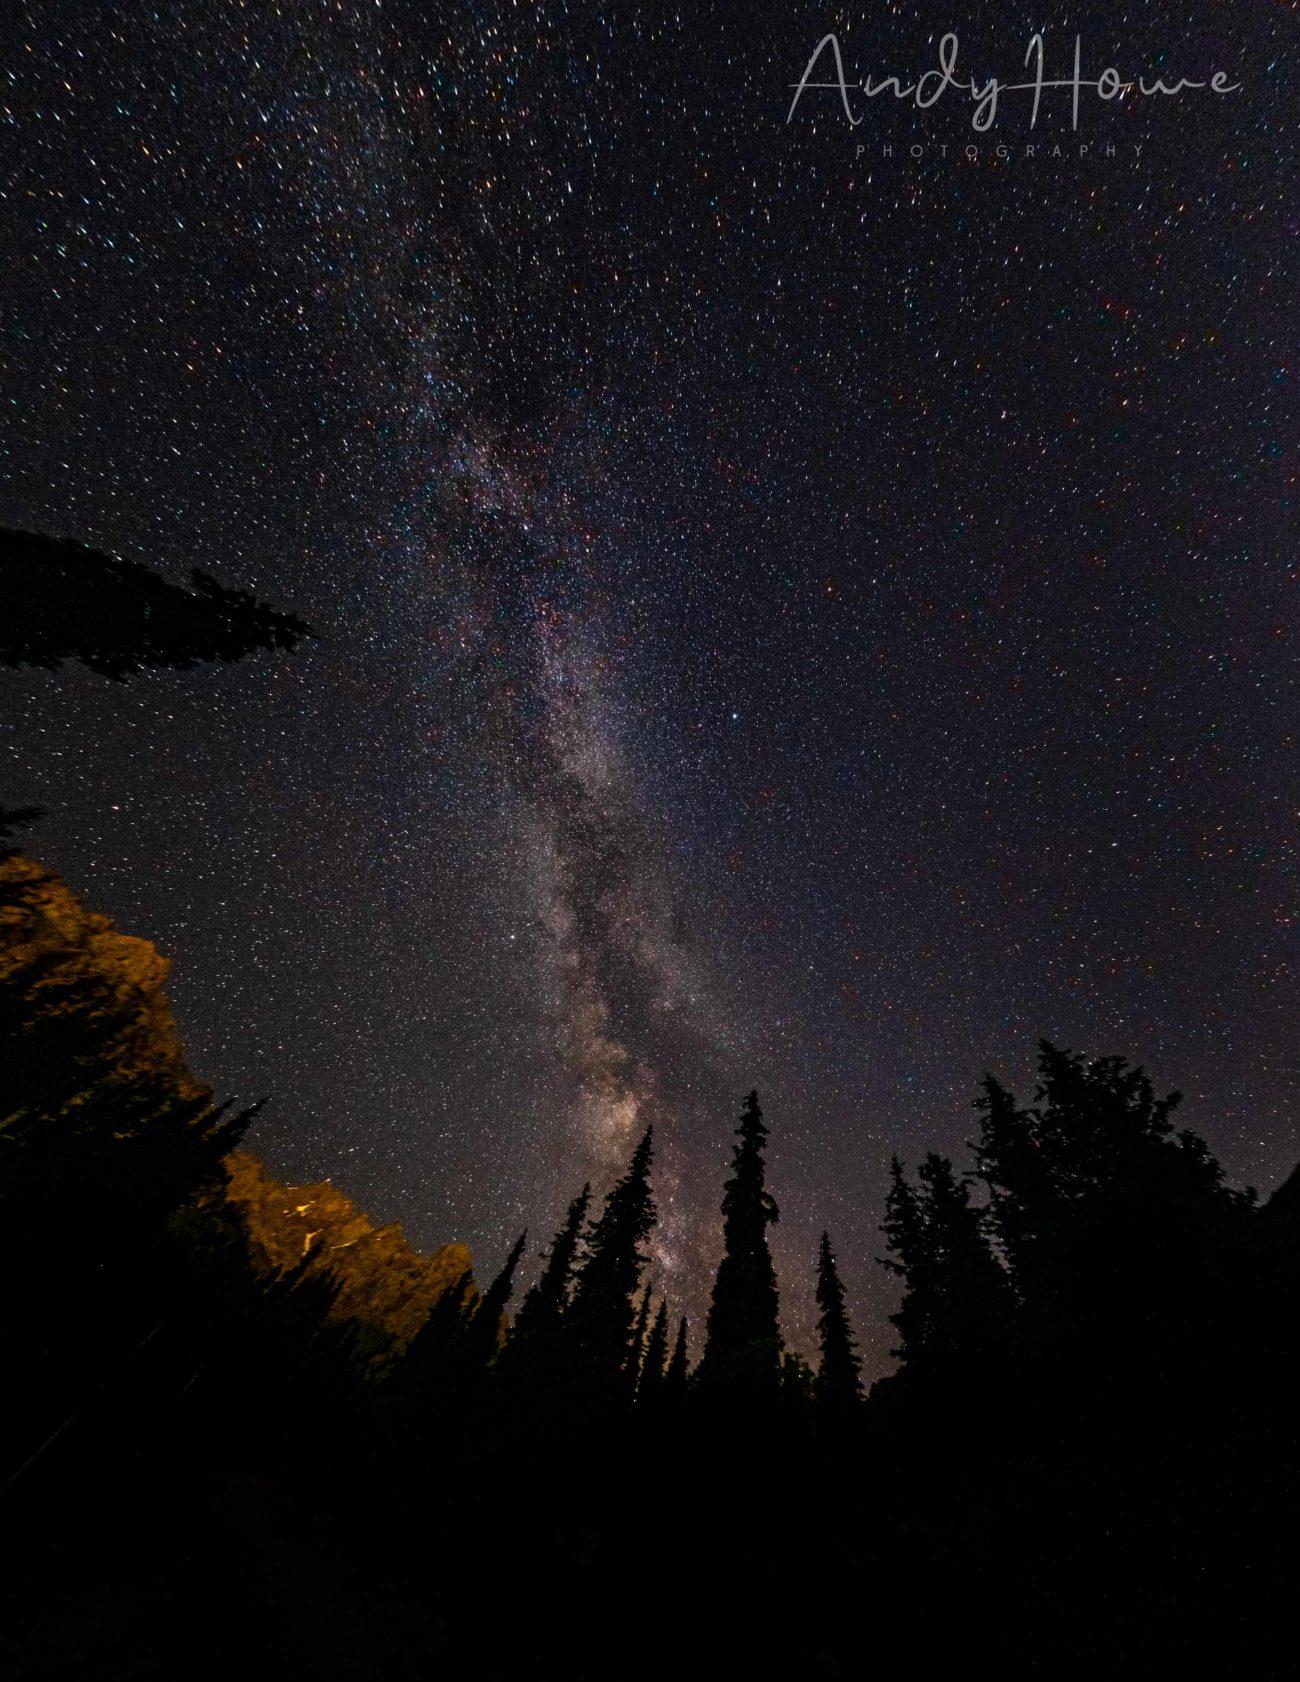 Lichtverschmutzung almaty astrofotografie kasachstan